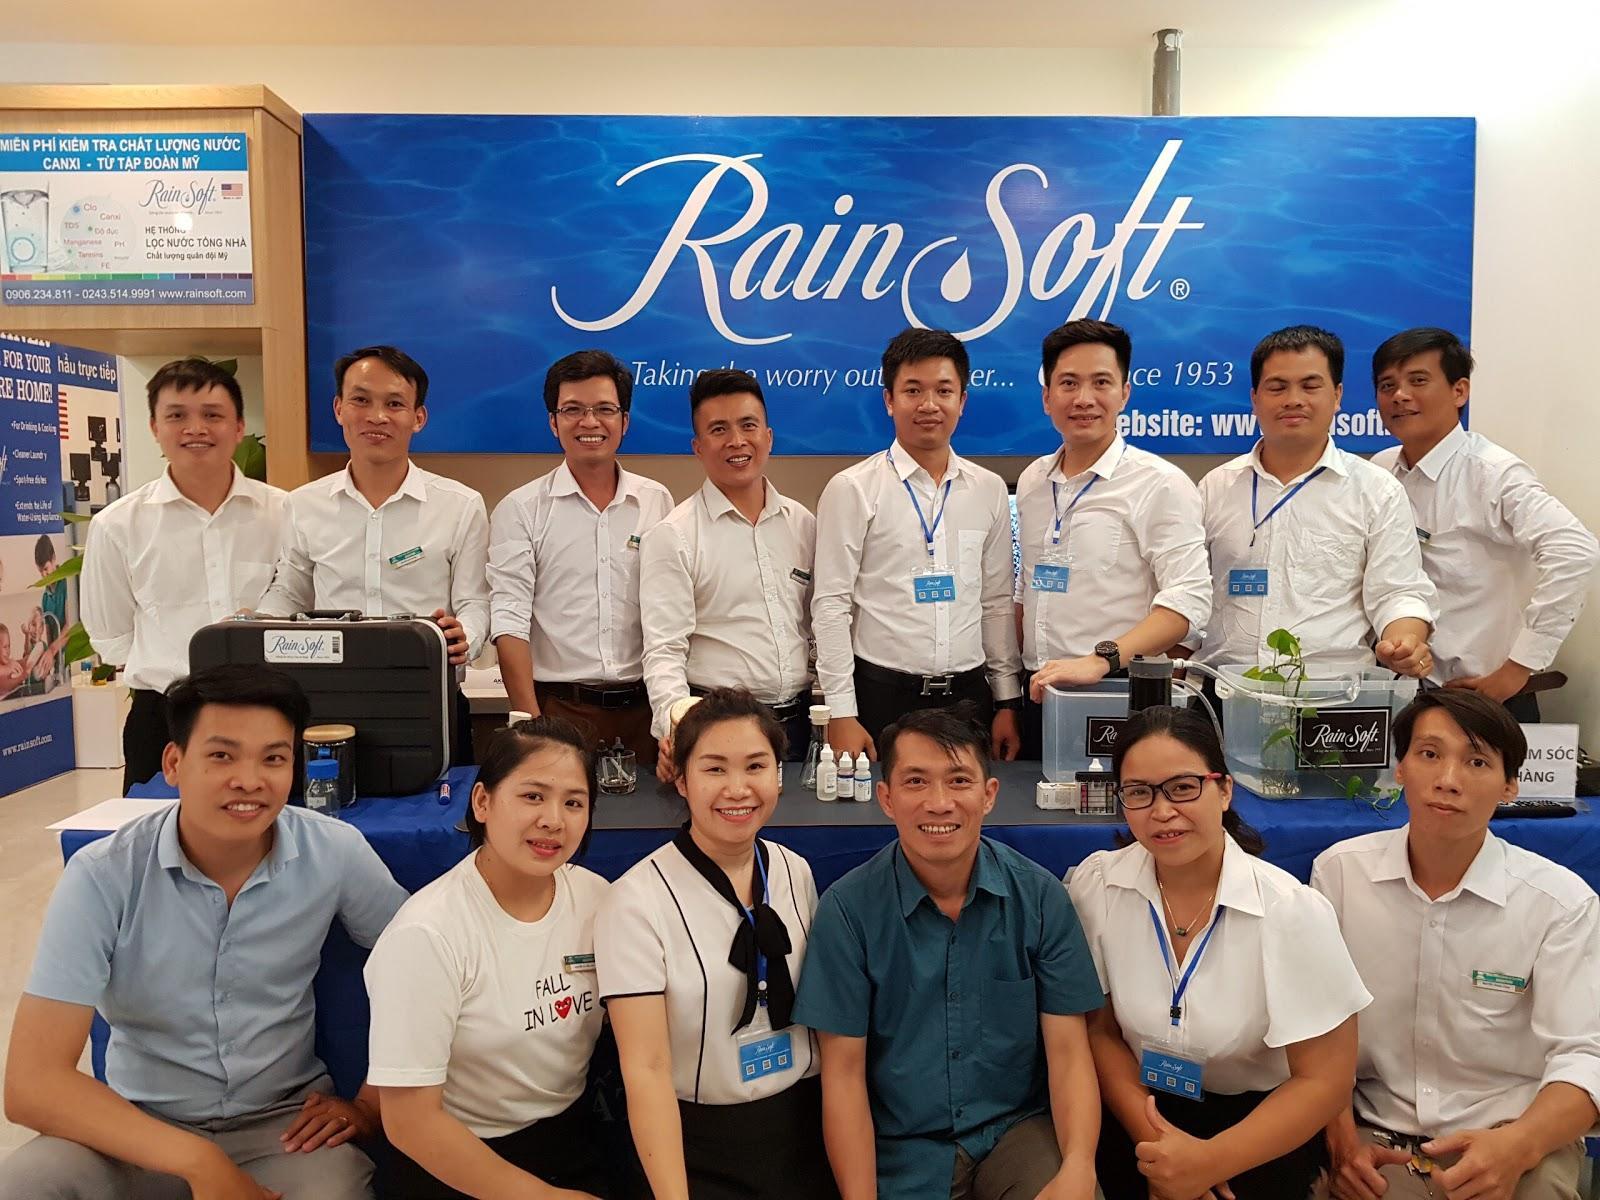 Công ty Cổ phần Shaha Việt Nam - Nhà tài trợ đồng cho Hội nghị sức khỏe sắc đẹp toàn diện và xu hướng ngành làm đẹp 2021 - Ảnh 1